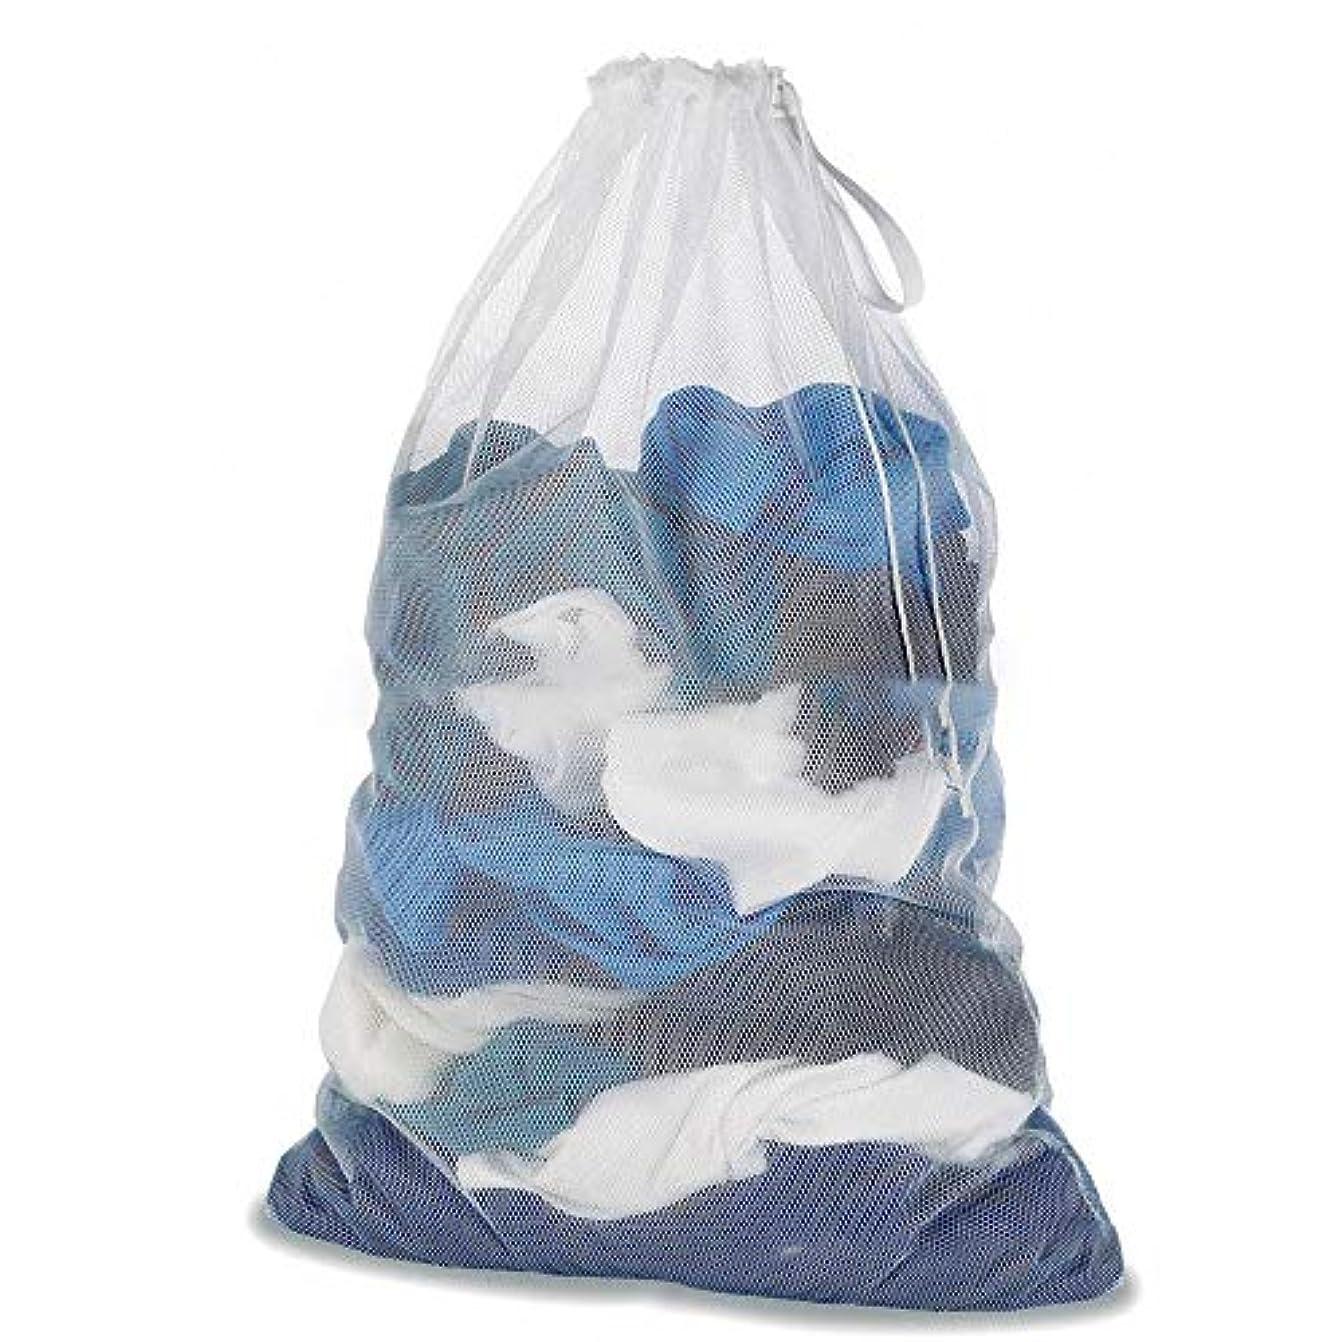 サイトライン朝ごはん理容室赤ん坊の衣服、ドローストリングが付いているジャケットのカーテンのための大きい網の洗濯袋の洗濯袋 (マルチカラー)